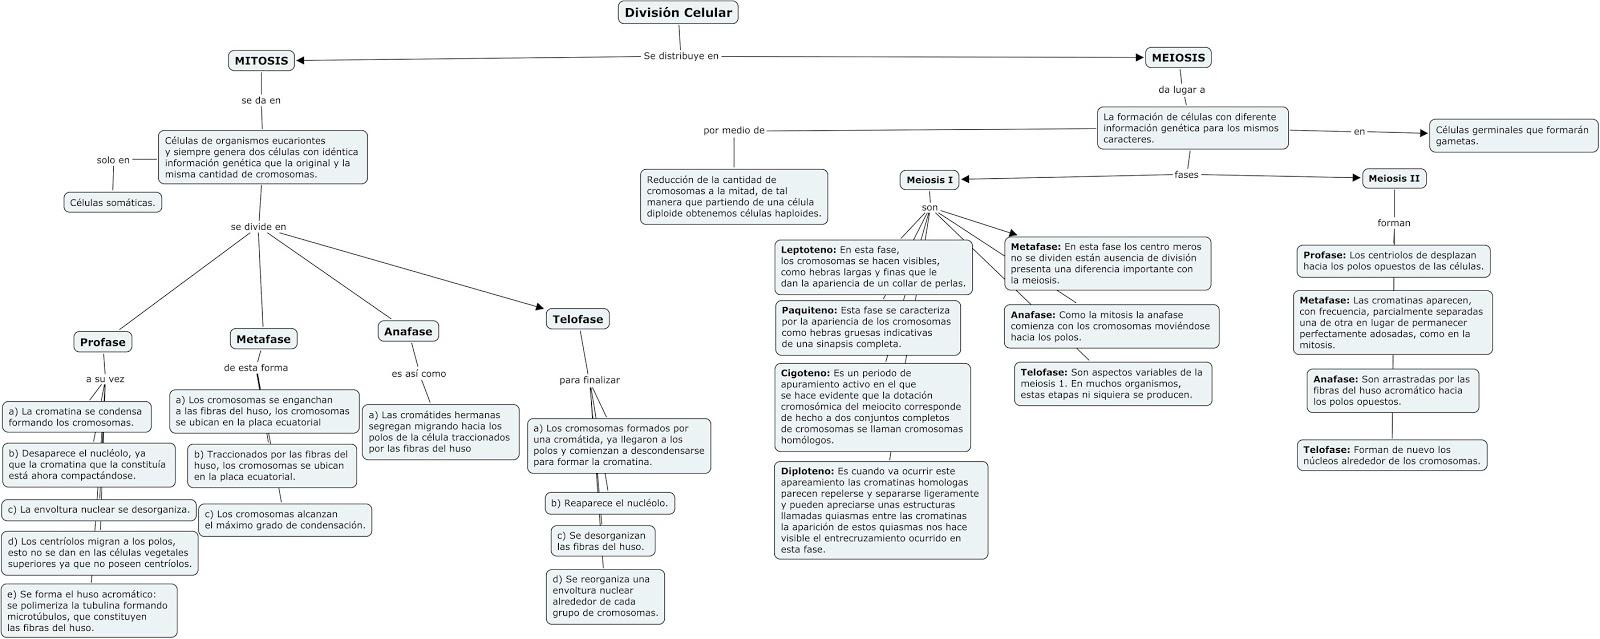 La ciencia de la estructura de la vida - Biologia: 2013